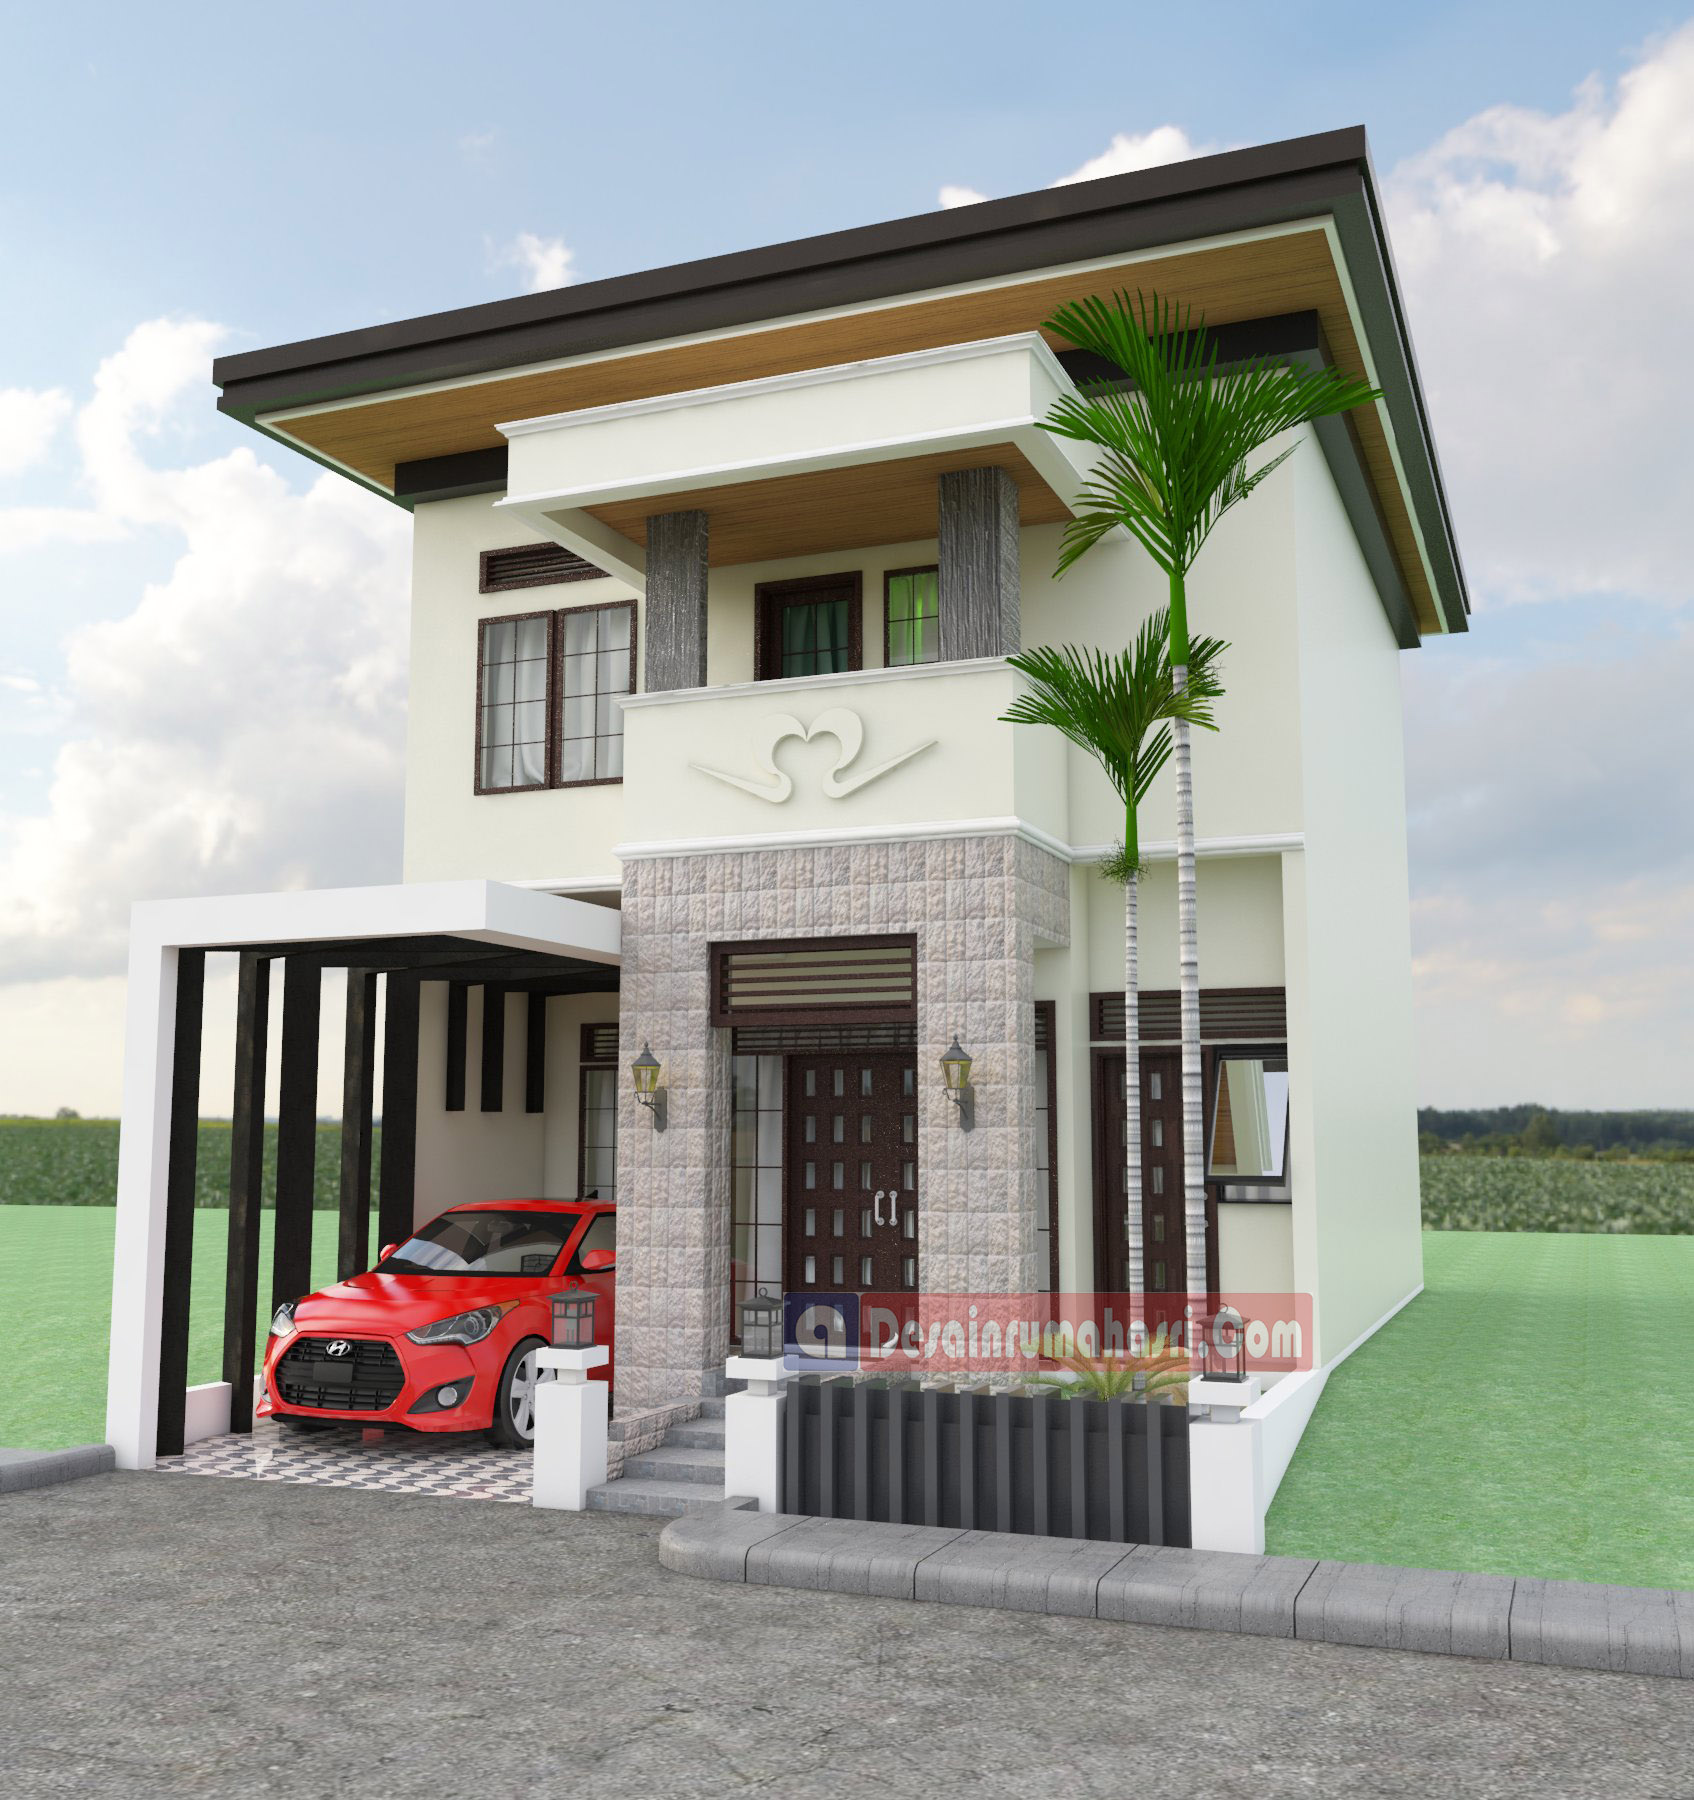 Desain minimalis – Laman 8 – Desain Rumah ASRI